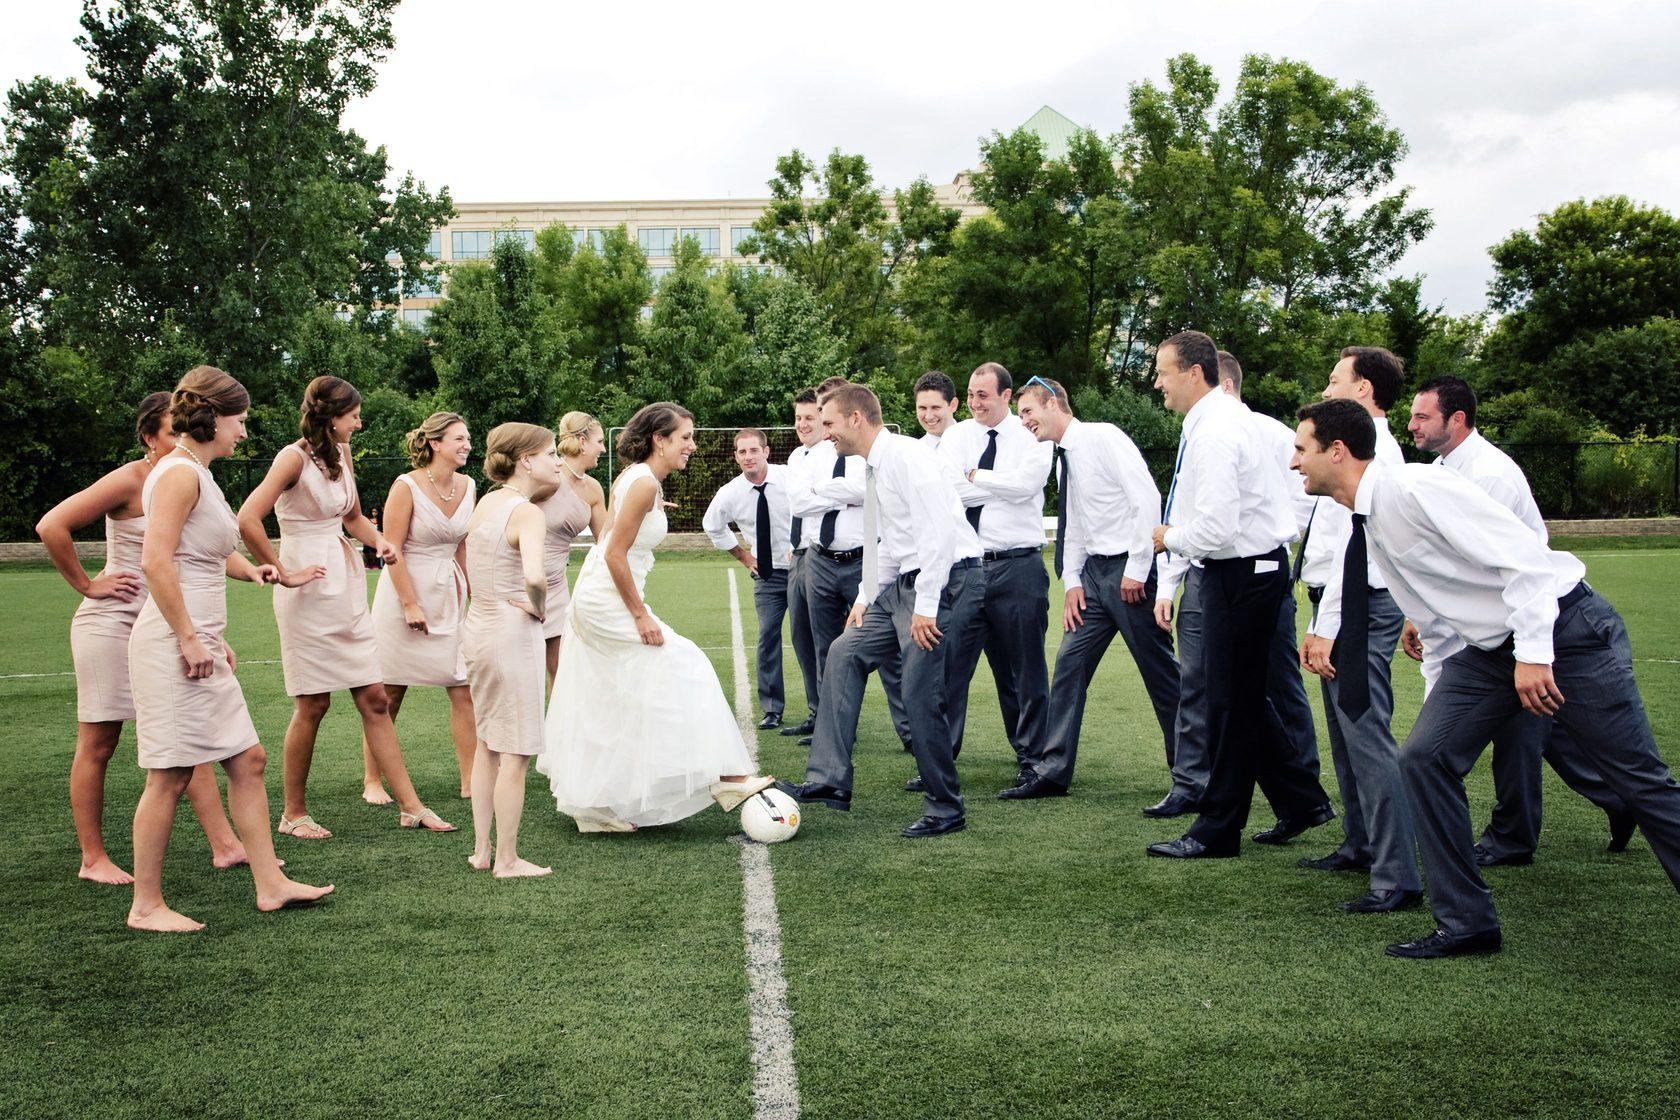 групповушки на свадьбах отстаивать свои